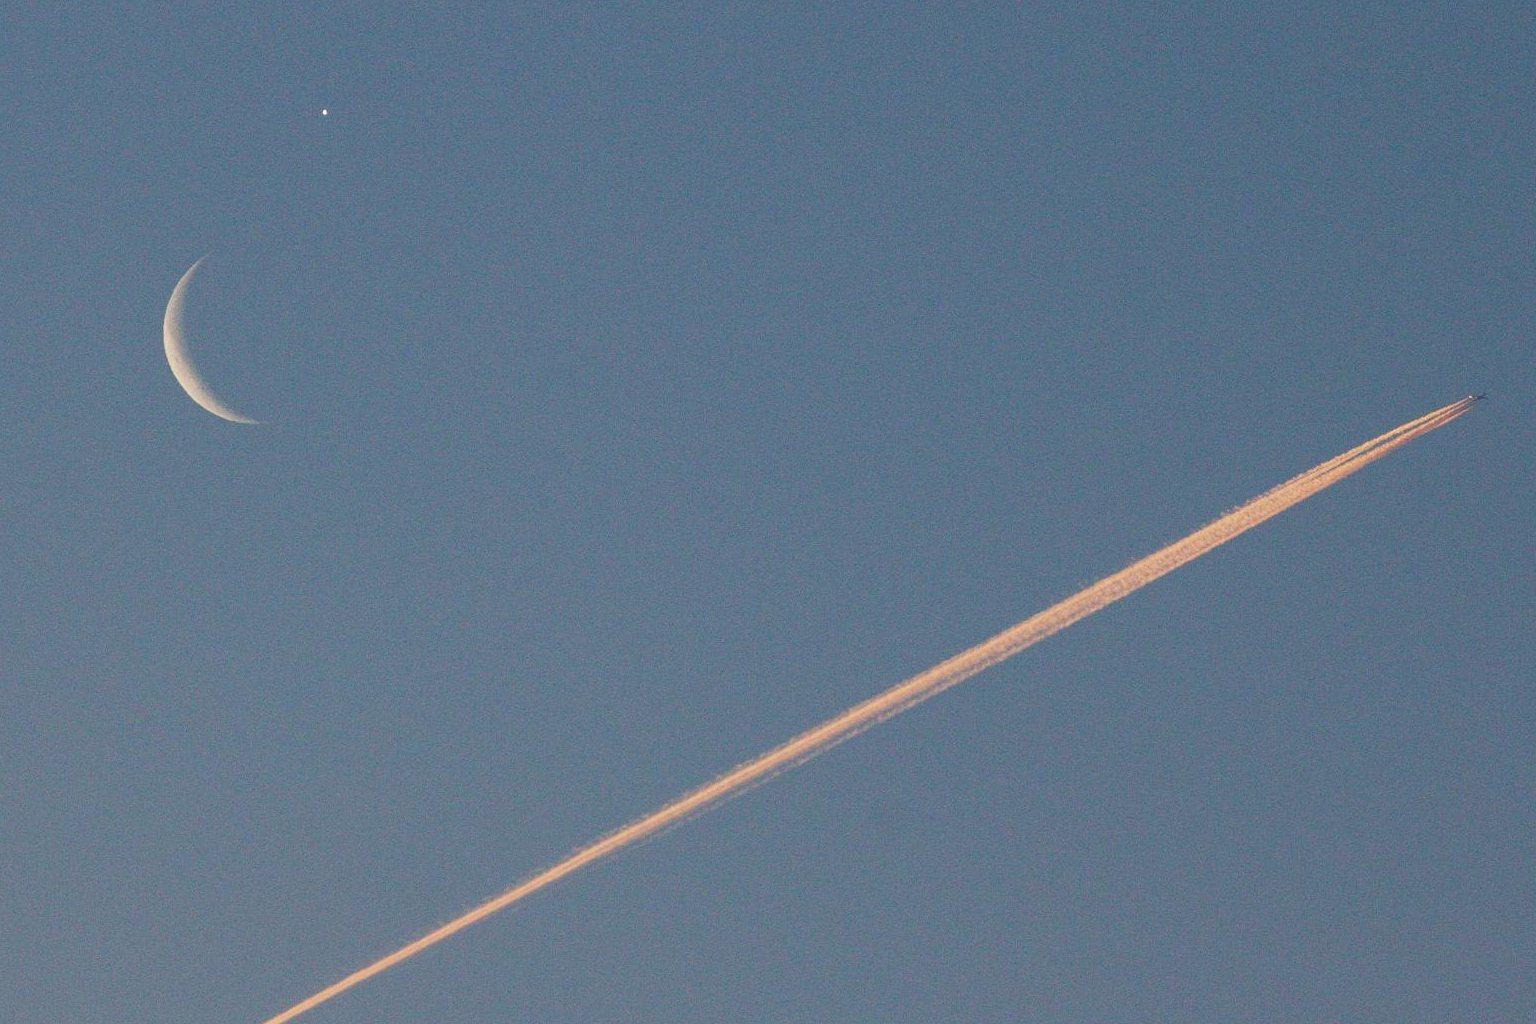 Snímek setkání Mesíce a Venuše s letadlem